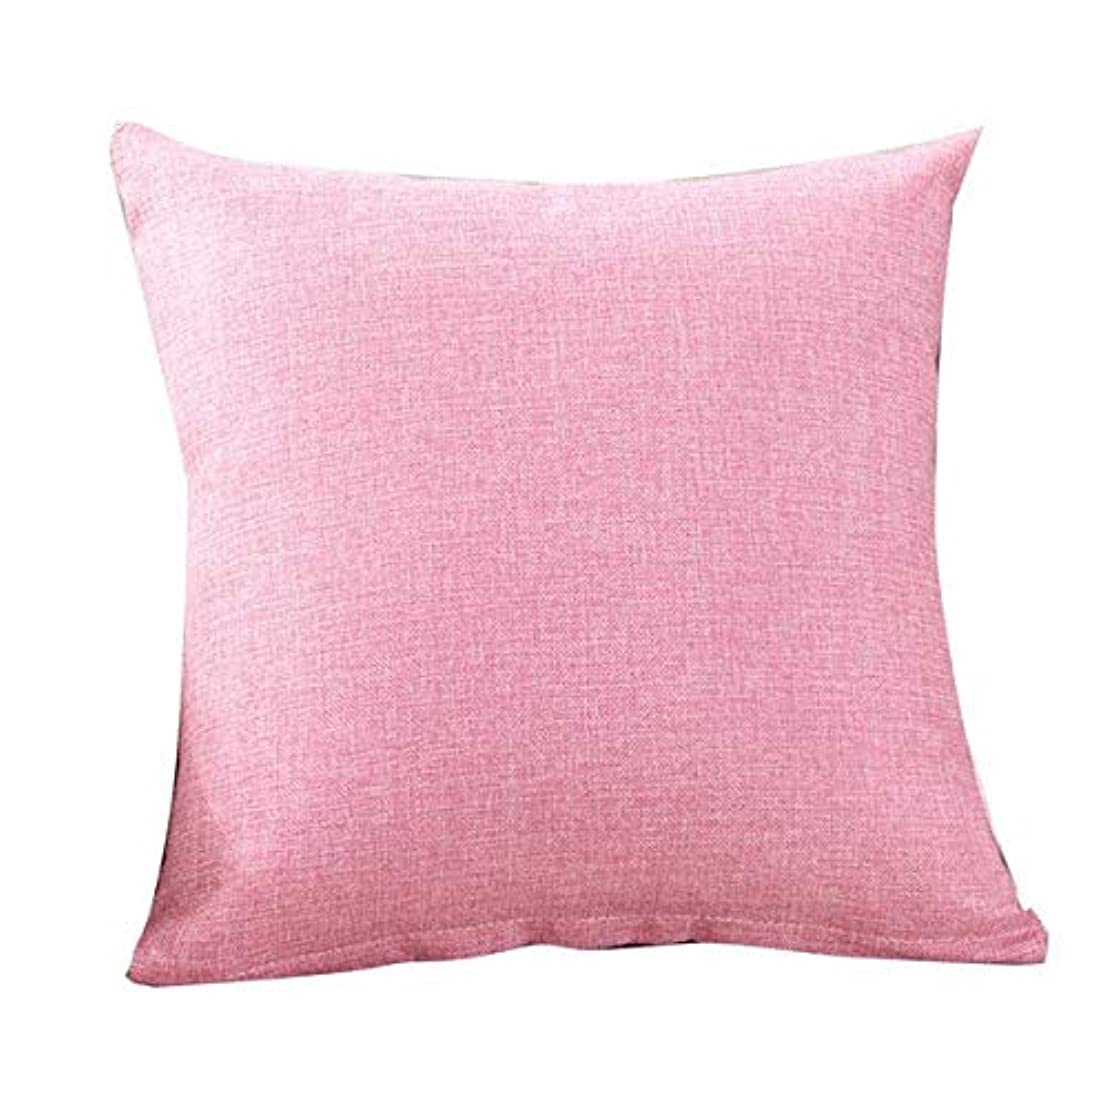 余分な論争的薄いですLIFE クリエイティブシンプルなファッションスロー枕クッションカフェソファクッションのホームインテリア z0403# G20 クッション 椅子